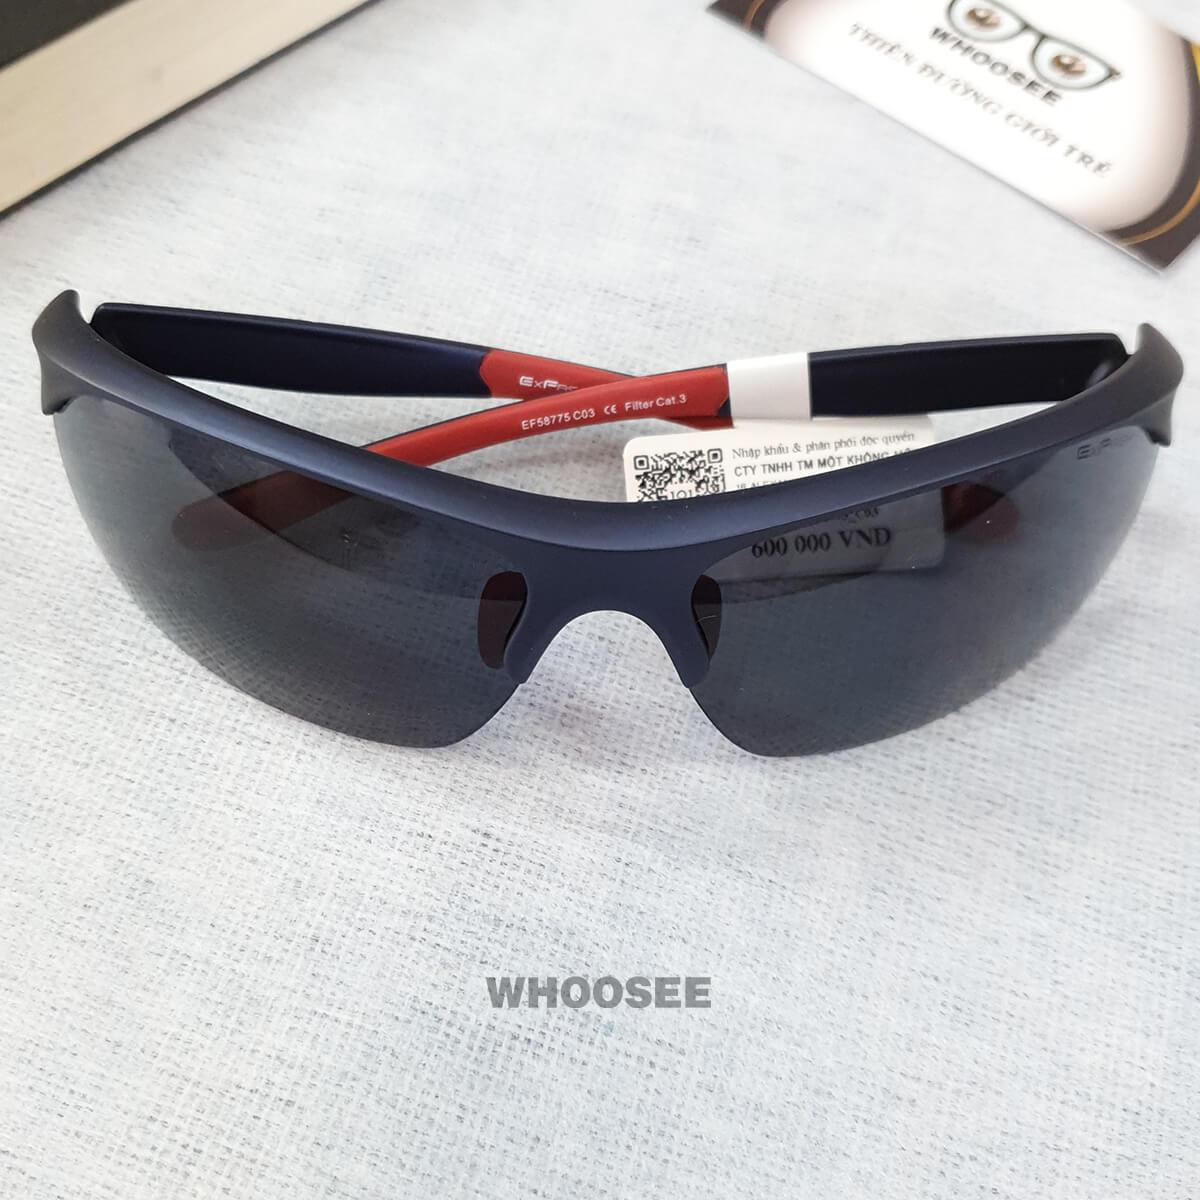 kính mát thể thao nam màu đen đỏ bằng nhựa ef58775 c03 exfash